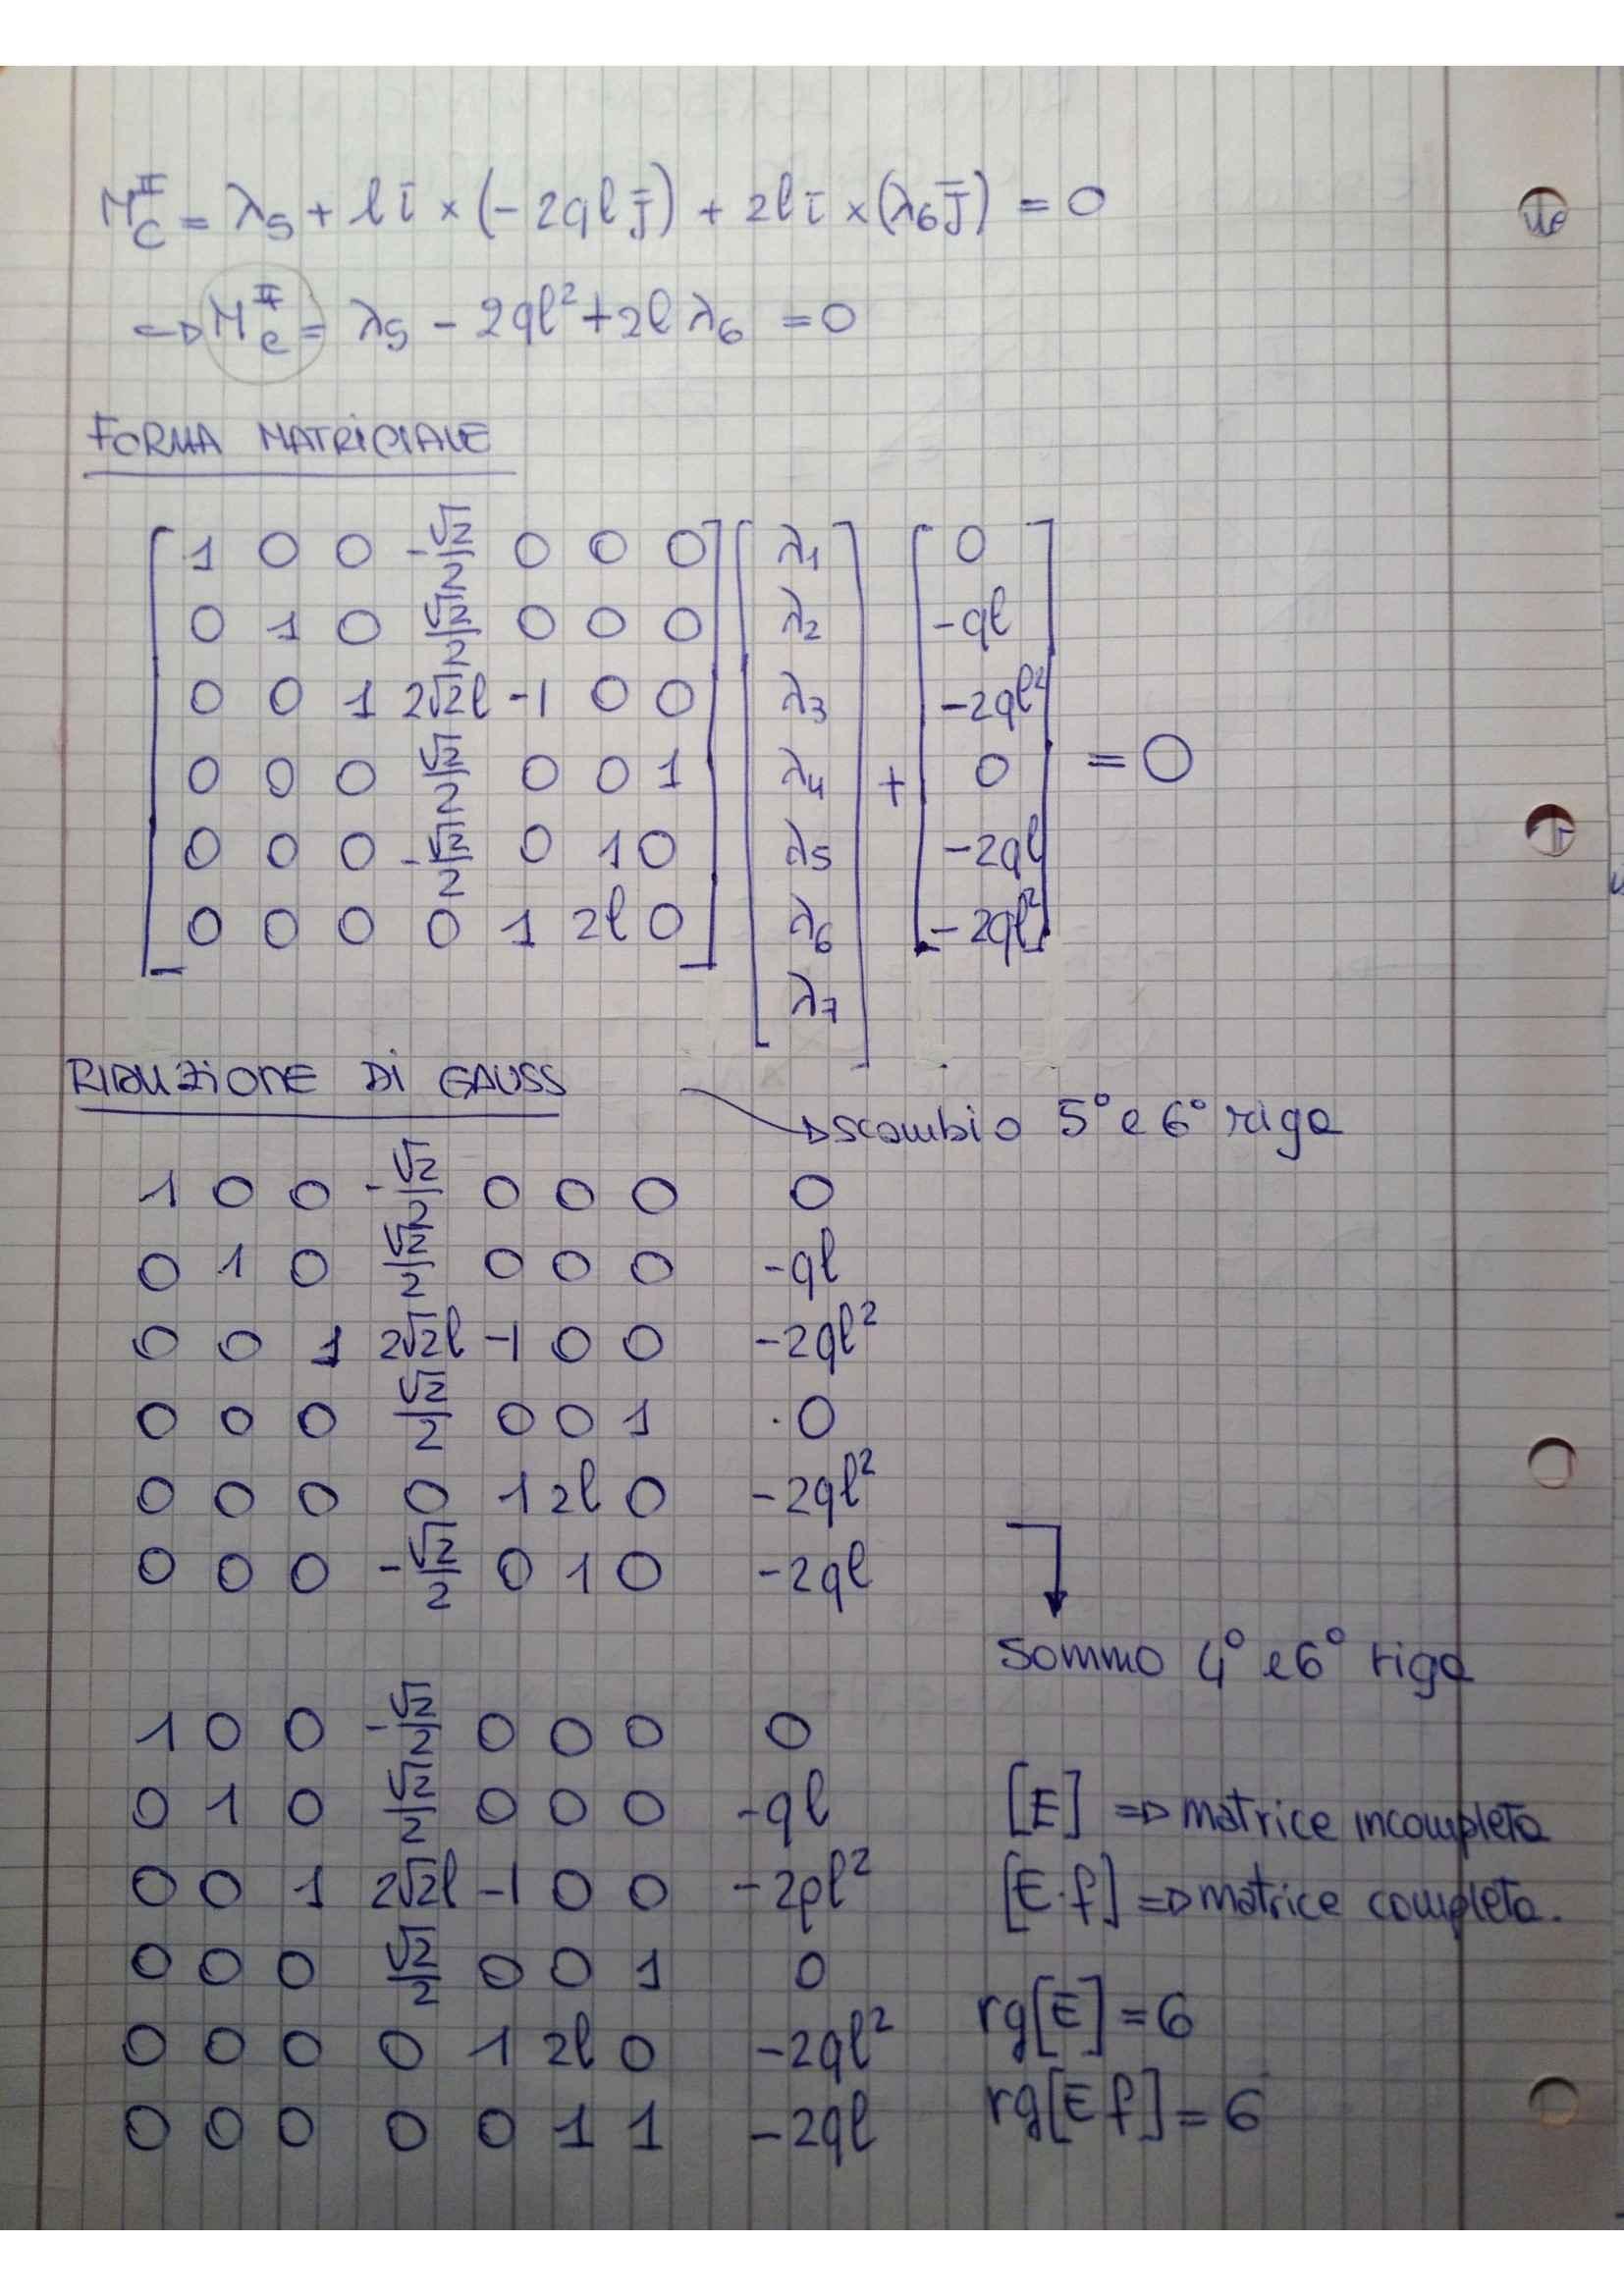 Meccanica dei solidi - esercizi su reazioni vincolari ed Iperstaticità Pag. 2